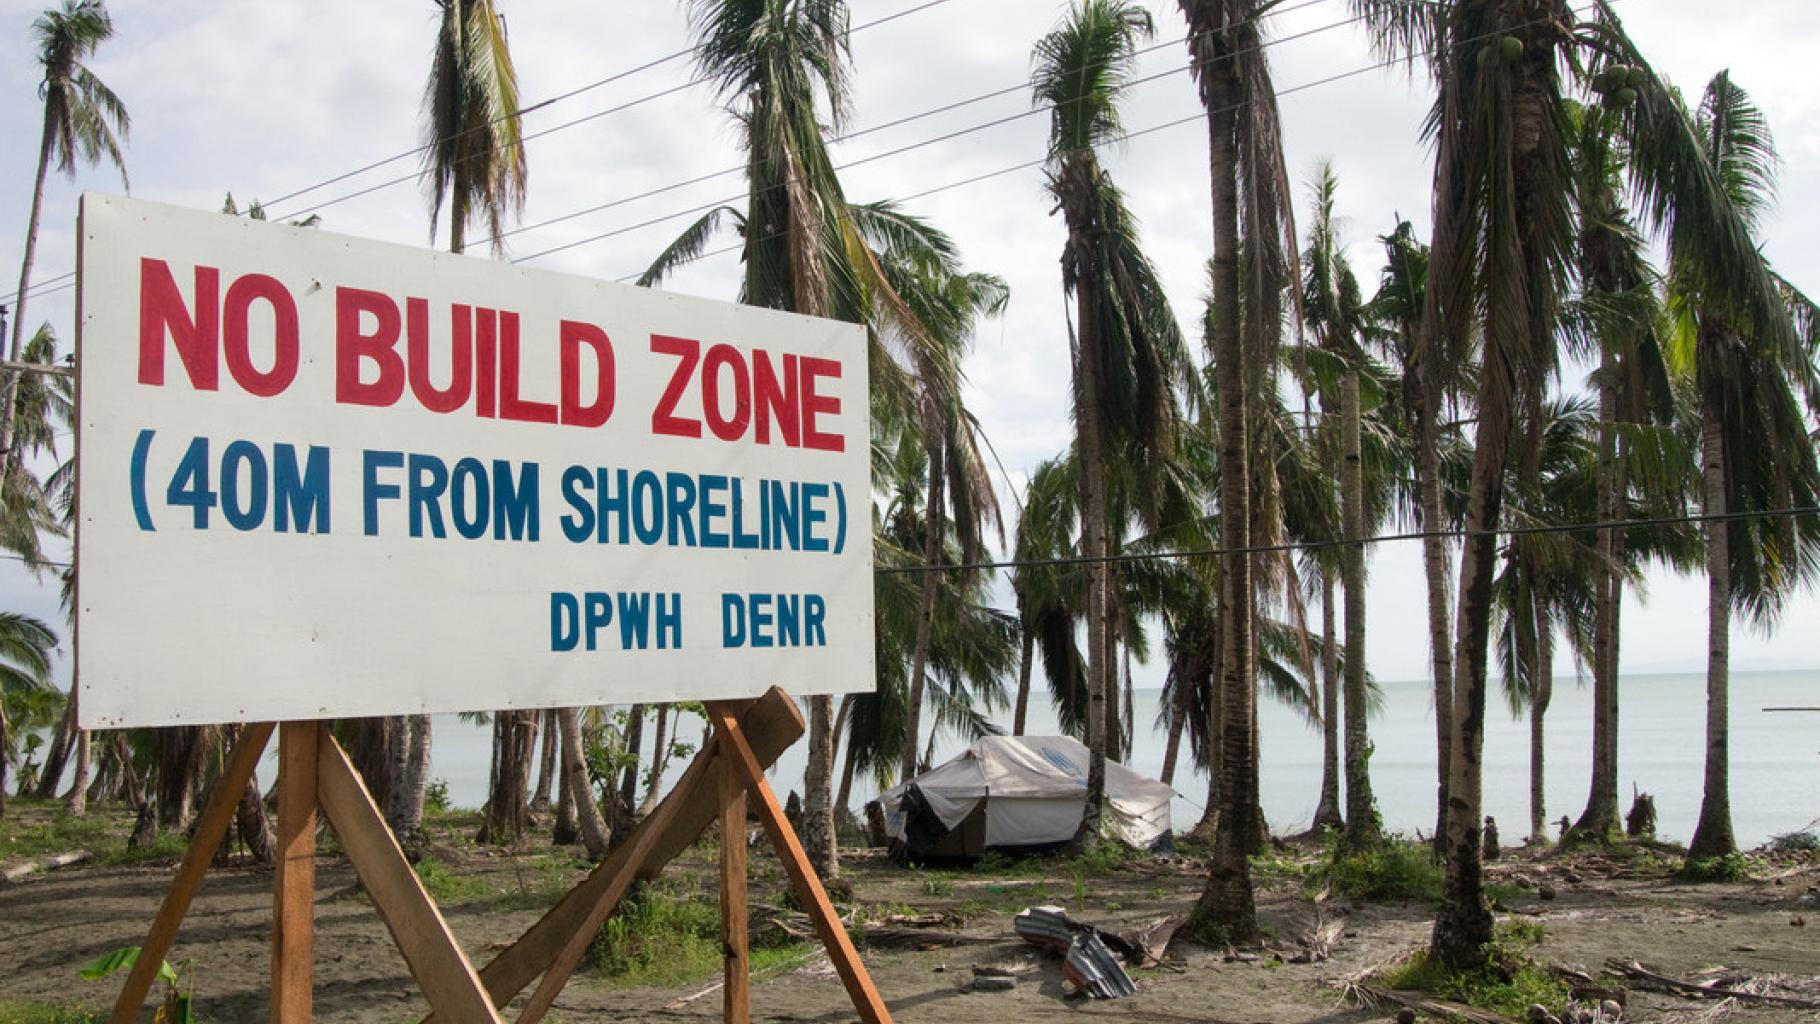 """Ein Schild mit der Aufschrift """"No build zone (40m from shoreline) DPWH DENR"""" steht an einer Küste. Im Hintergrund sind umgeknickte Palmen, ein Zelt und das Meer zu sehen."""